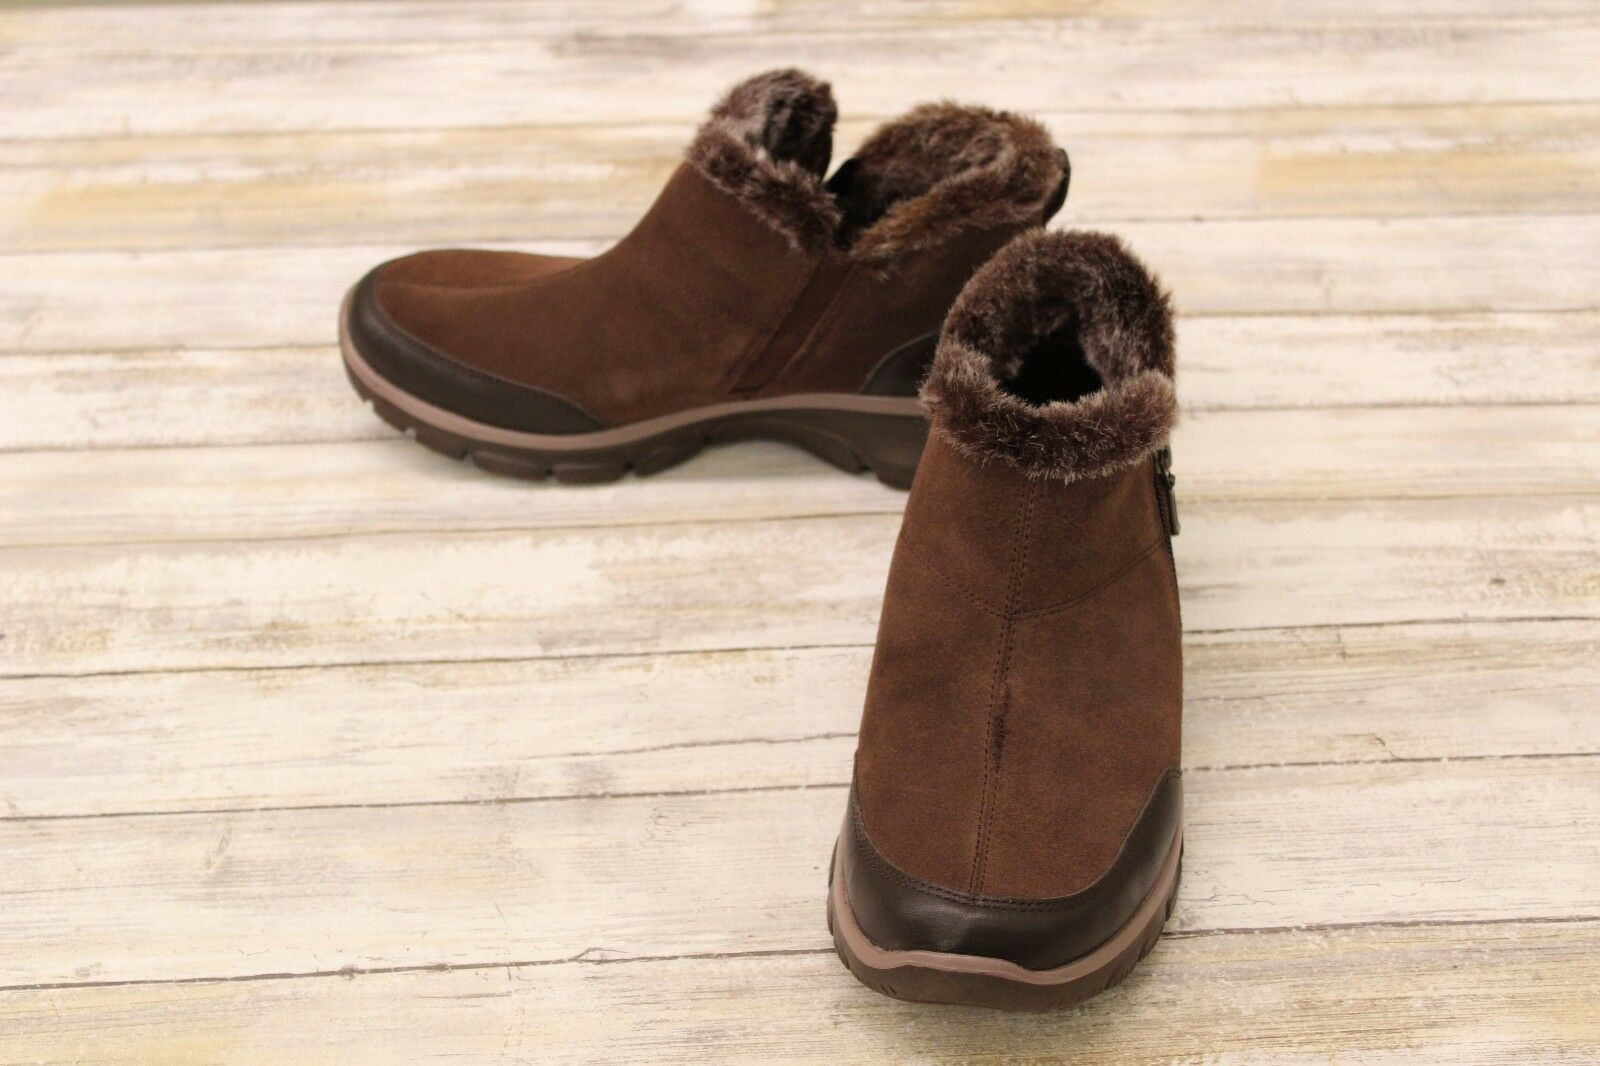 Skechers Easy Going Women's Zip Boots Chocolate size 8 *Repair